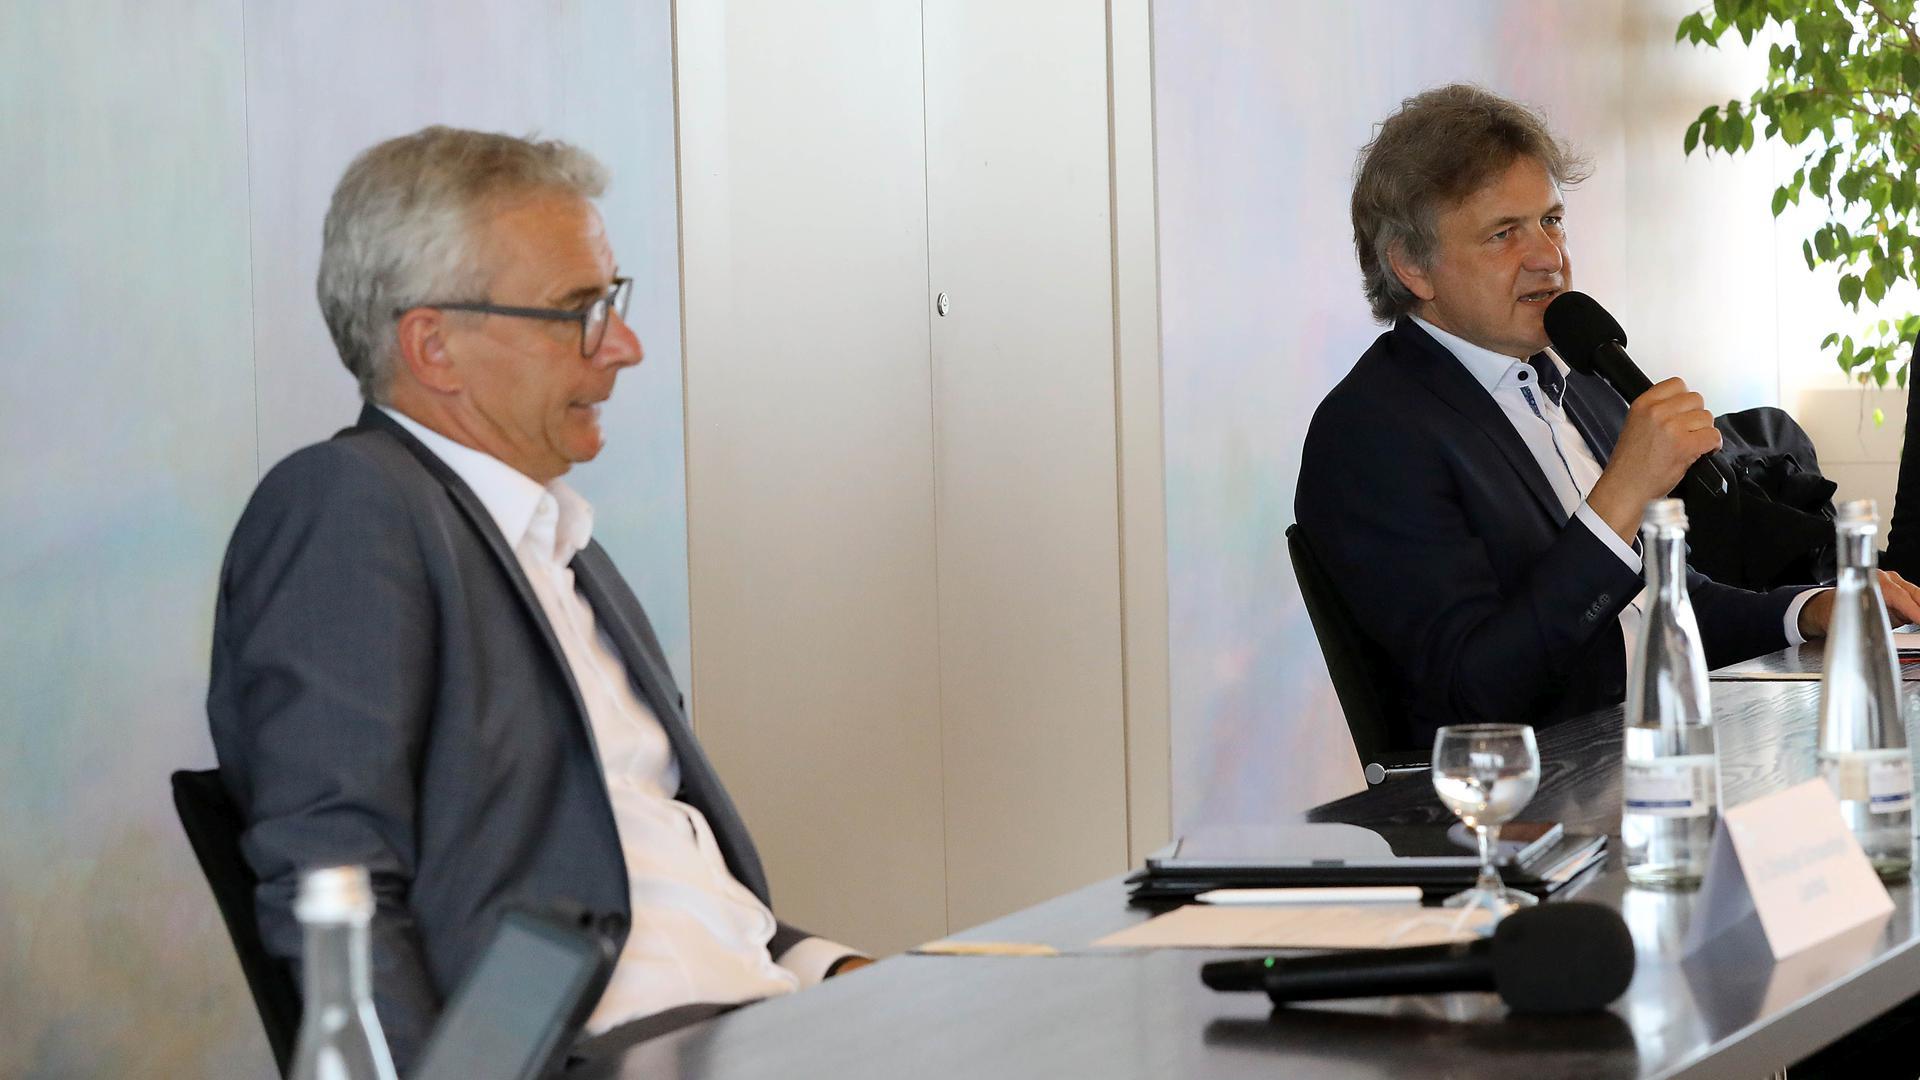 Zufrieden aber dennoch vorsichtig beim Blick auf Corona: OB Frank Mentrup und Landrat Christoph Schnaudigel (links).